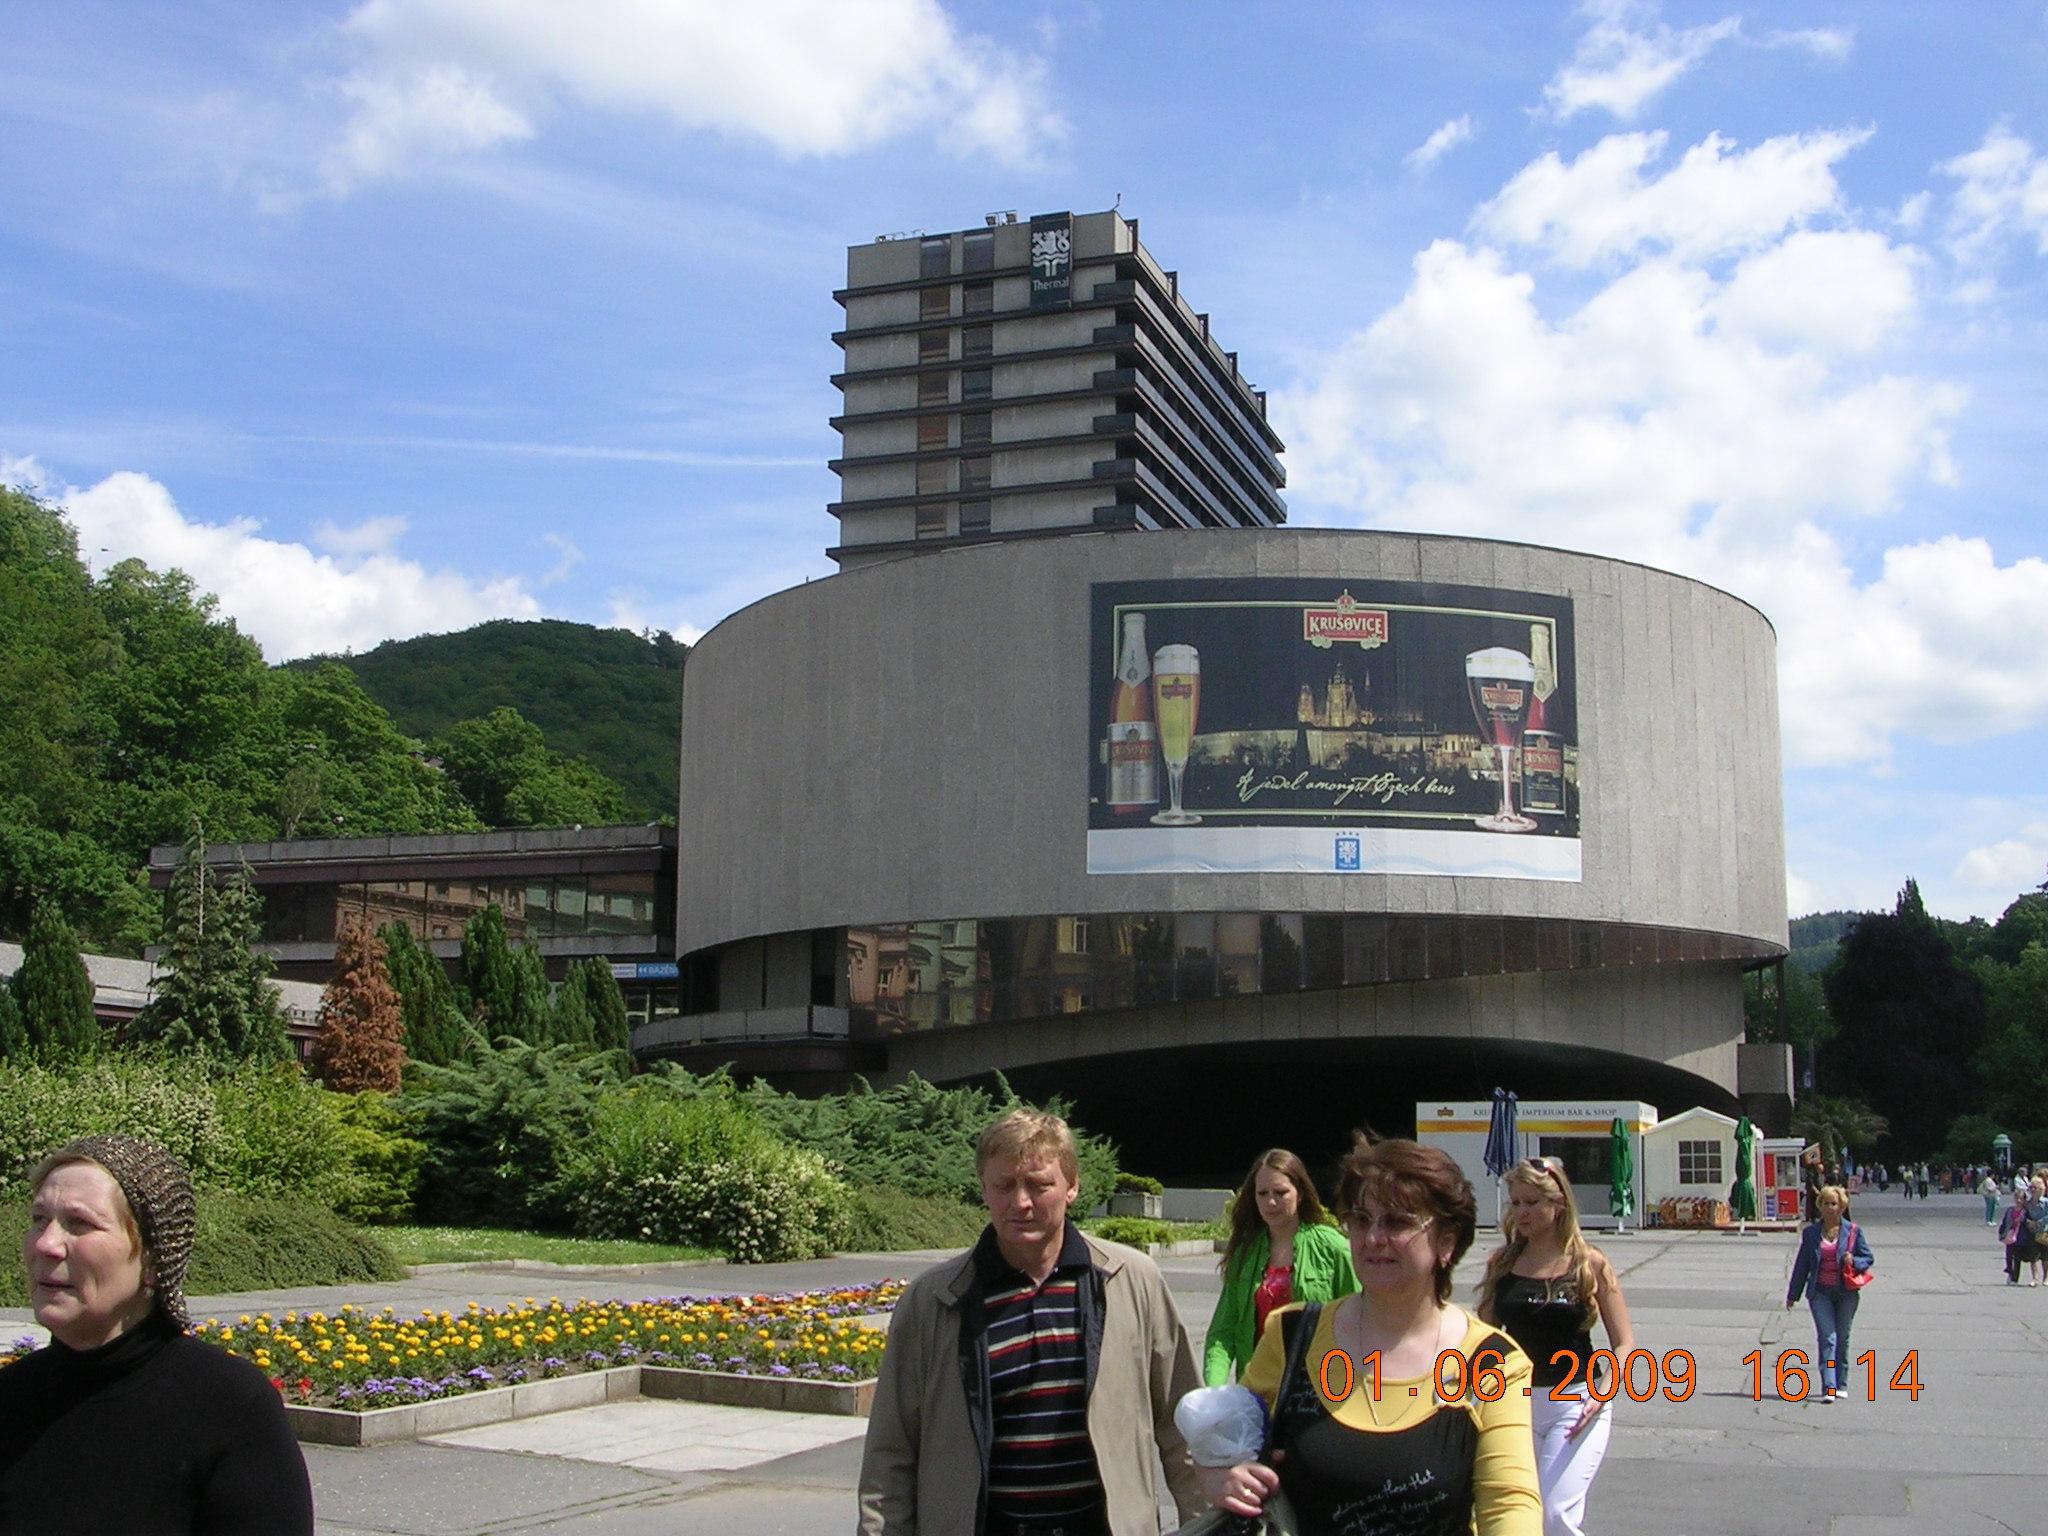 это знаменитый концертный зал, подарок СССР дружественной тогда Чехословакии